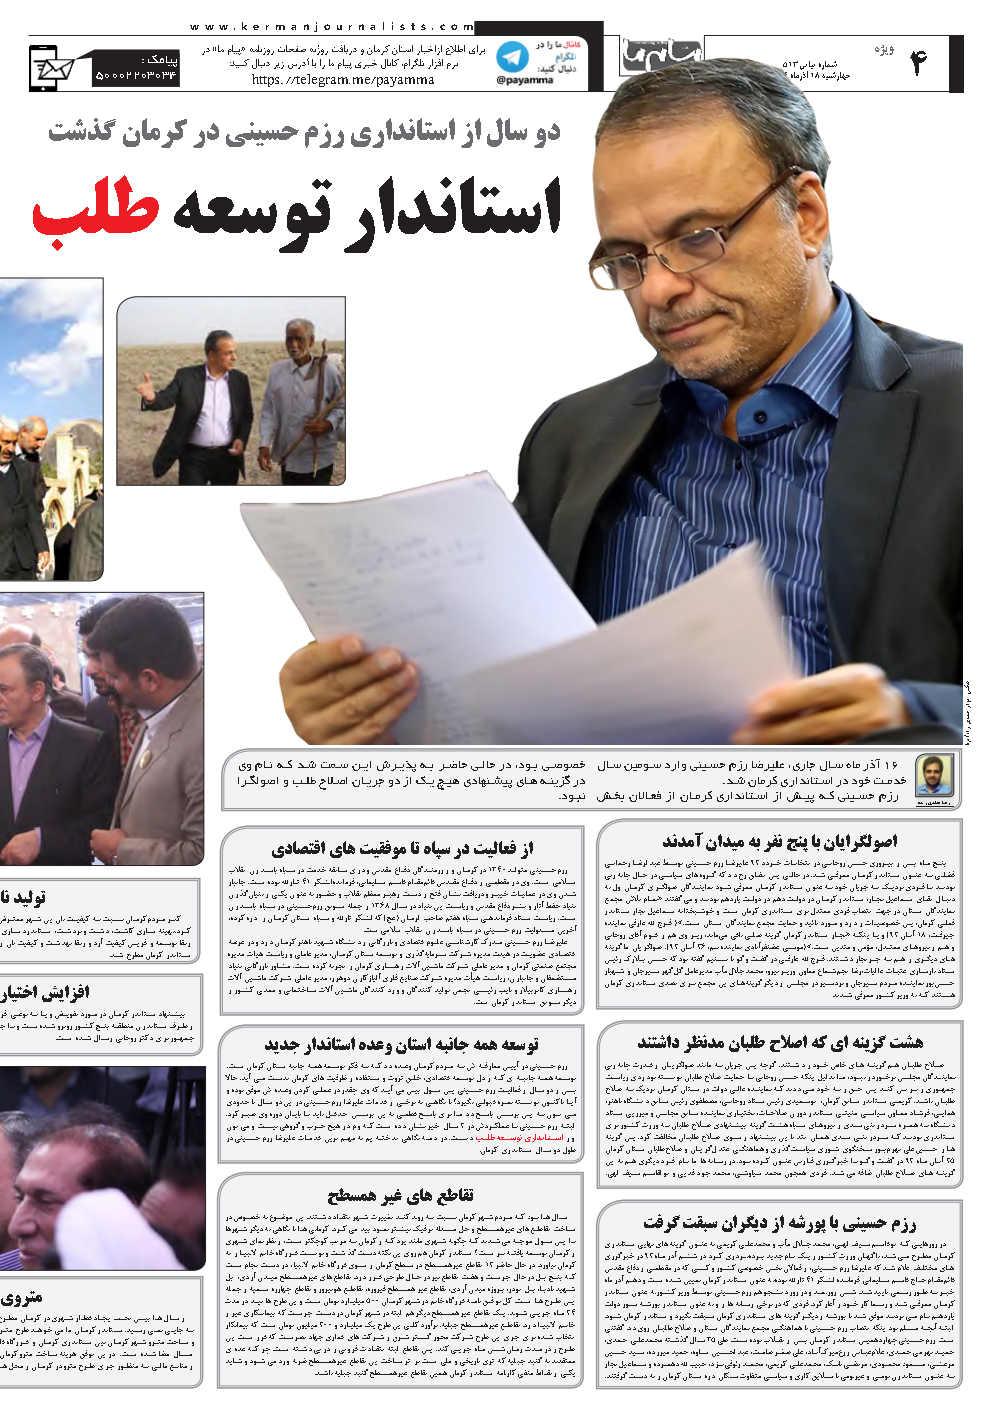 دو سال از استانداری رزم حسینی در کرمان گذشت استاندار توسعه طلب